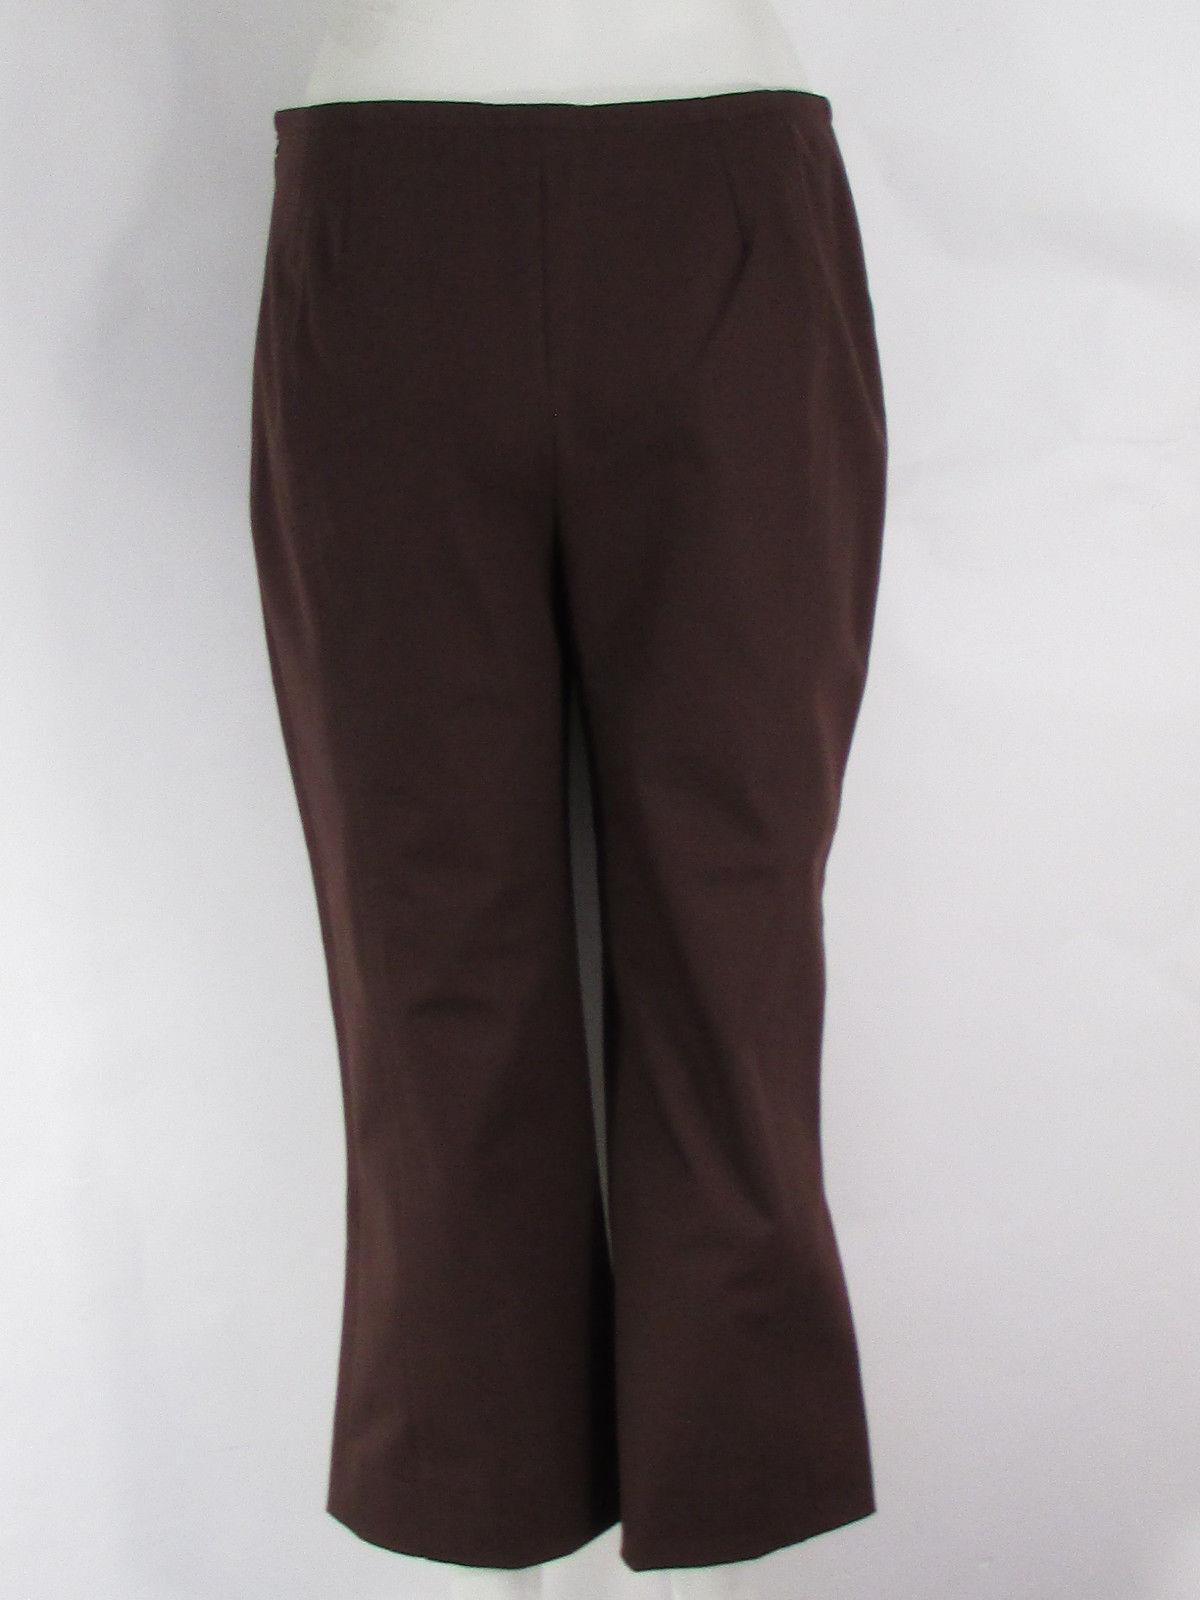 Escada damen braun Cotton Blend Fashion Cropped Pants Capris Wide Legs Größe 36 2